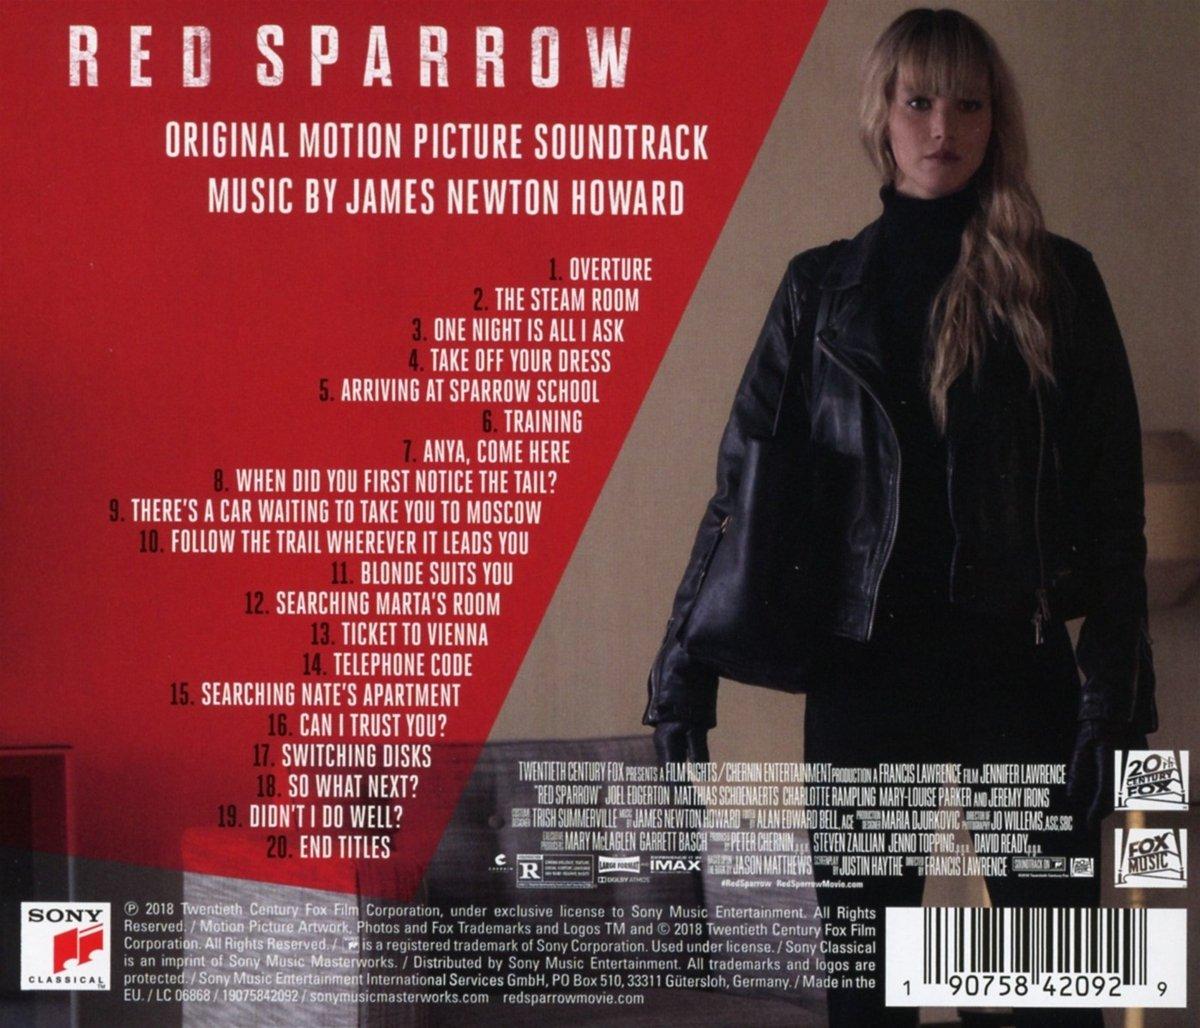 Red Sparrow: Amazon.de: Musik